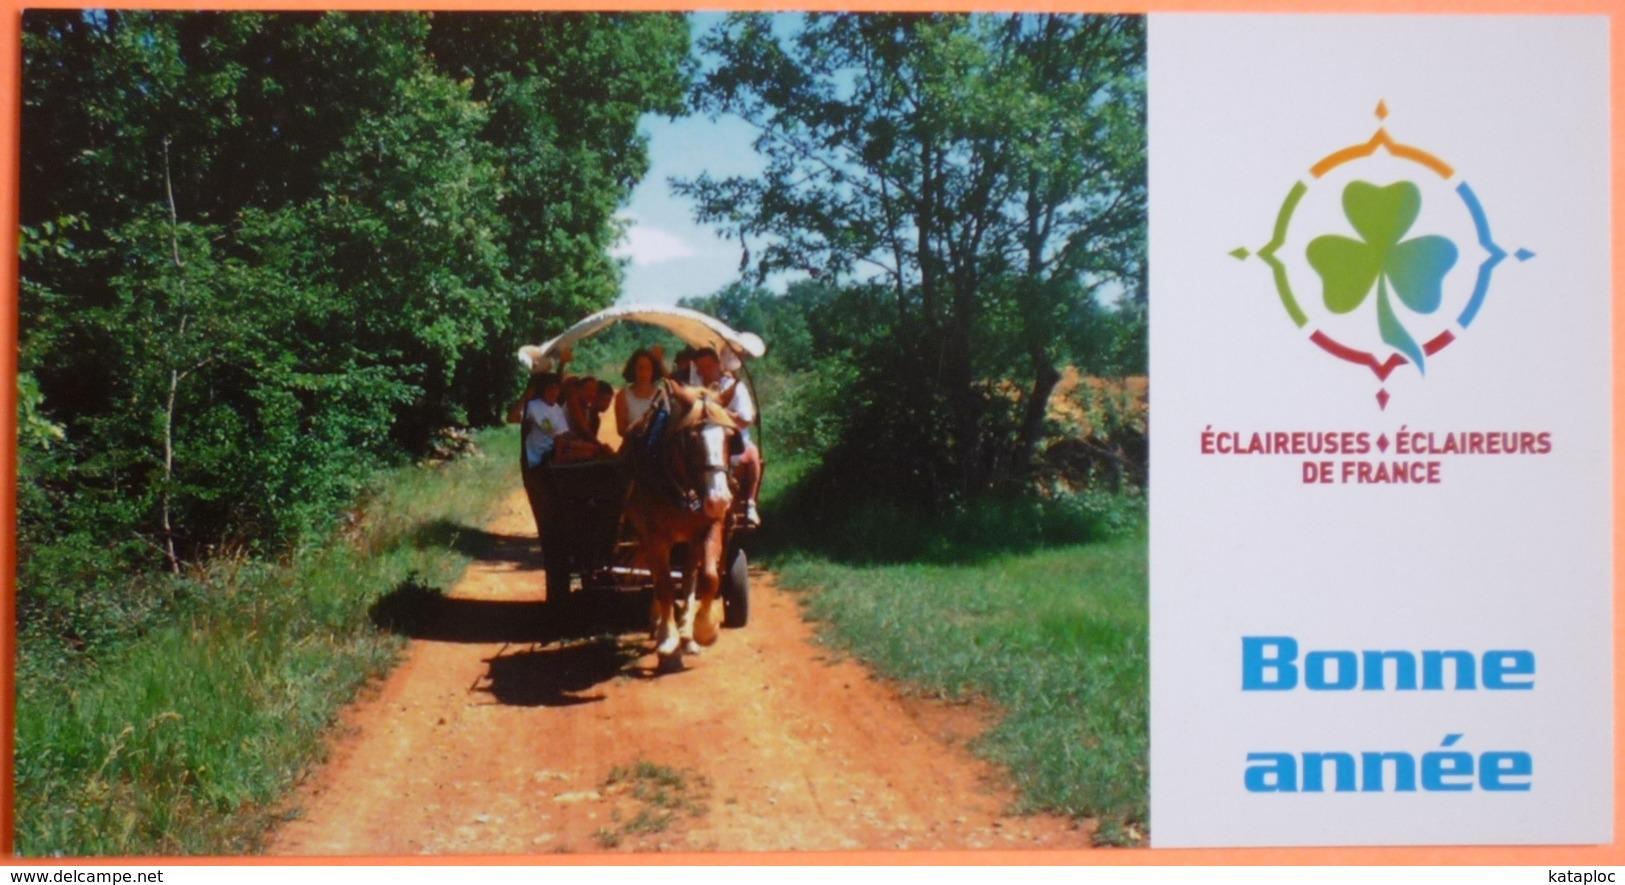 CARTE ECLAIREUSES ECLAIREURS DE FRANCE - BONNE ANNEE - SCOUTISME - CALECHE - 6 - Scoutisme